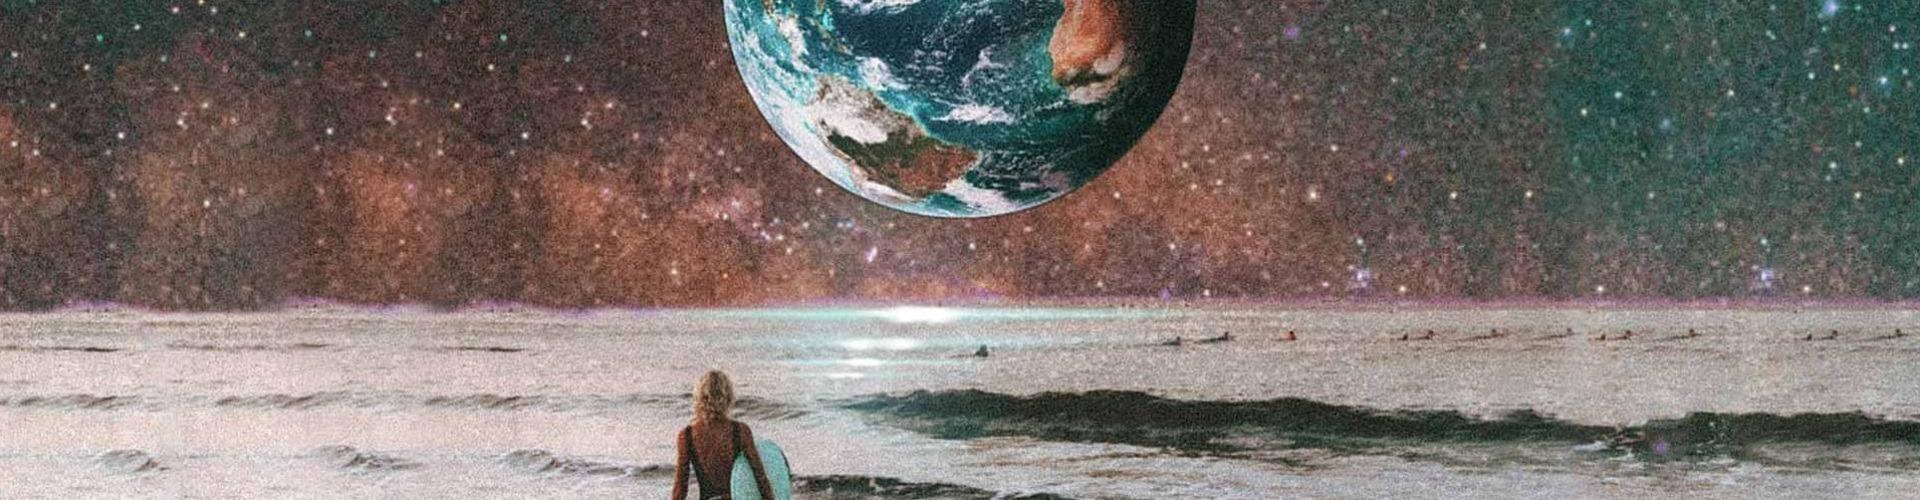 Sok minden van ég és föld között